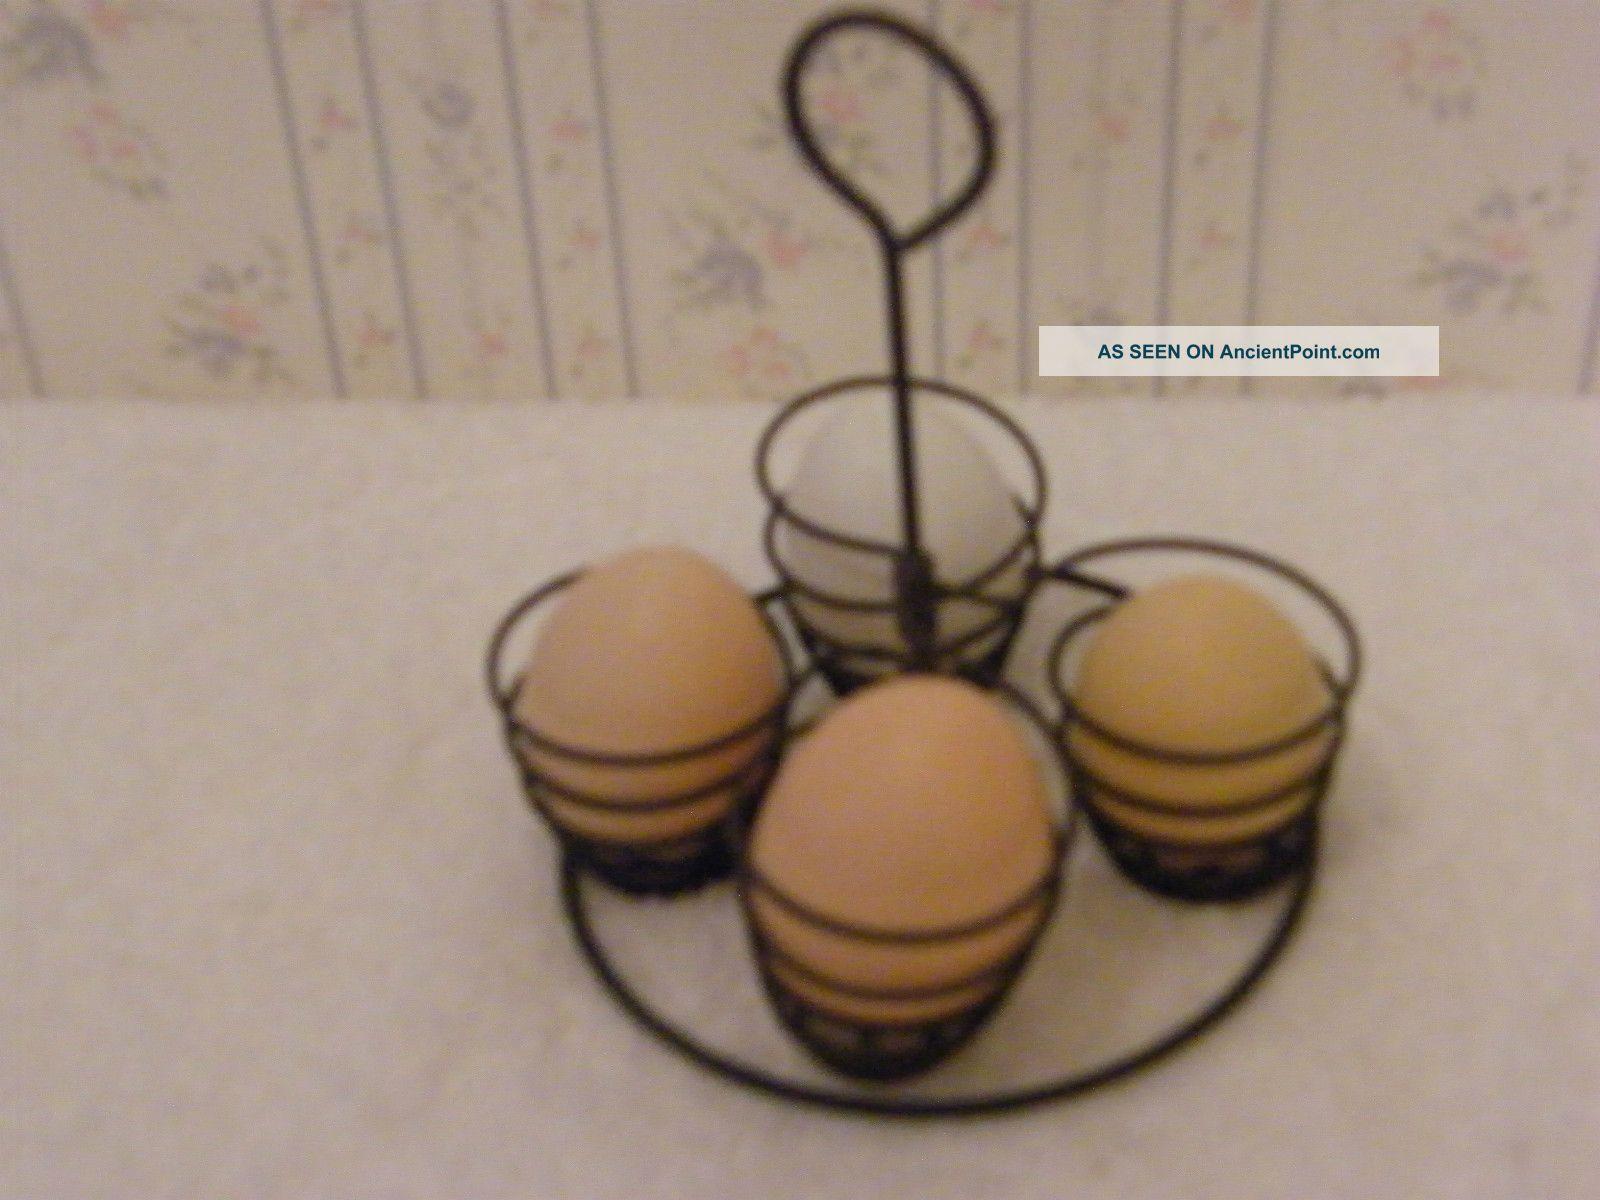 Vintage Old Metal Egg Holder Rack For Pot Primitives photo